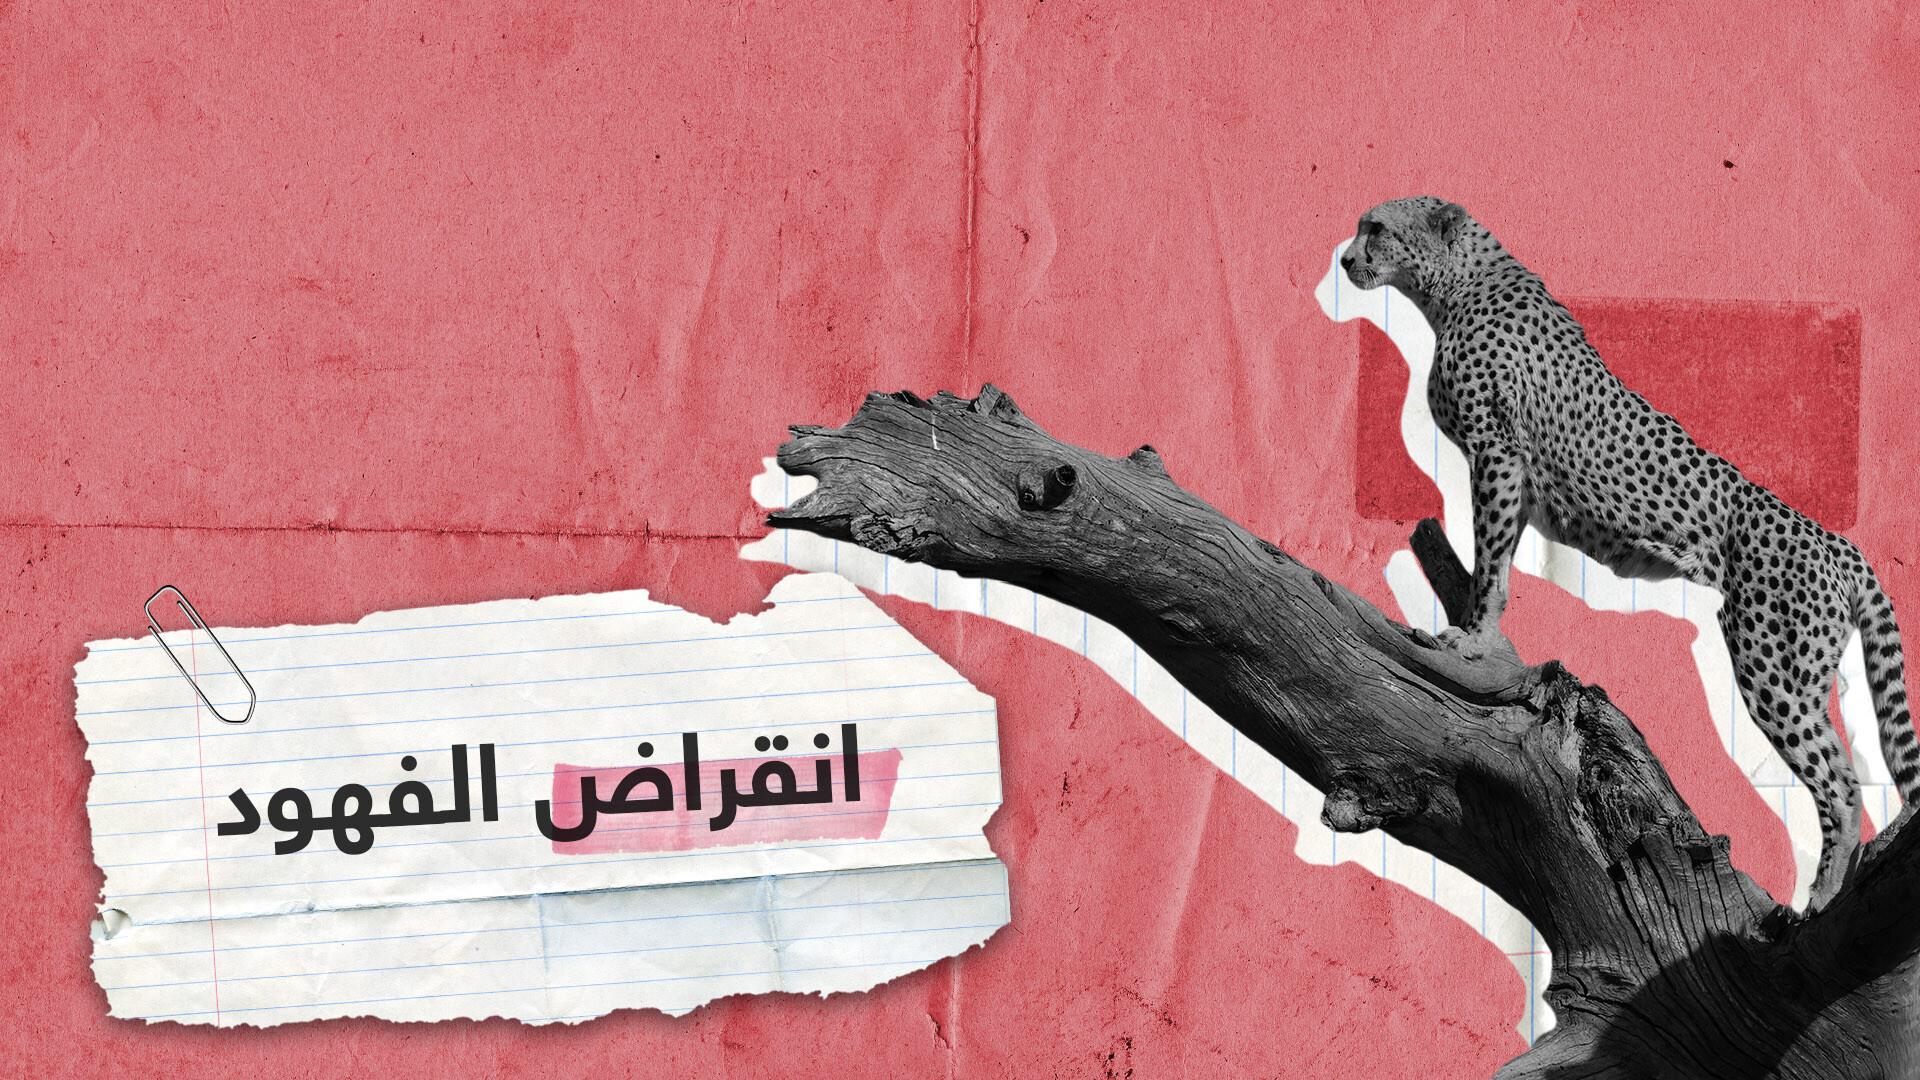 الفهود في طريقها للانقراض بسبب أثرياء العرب!